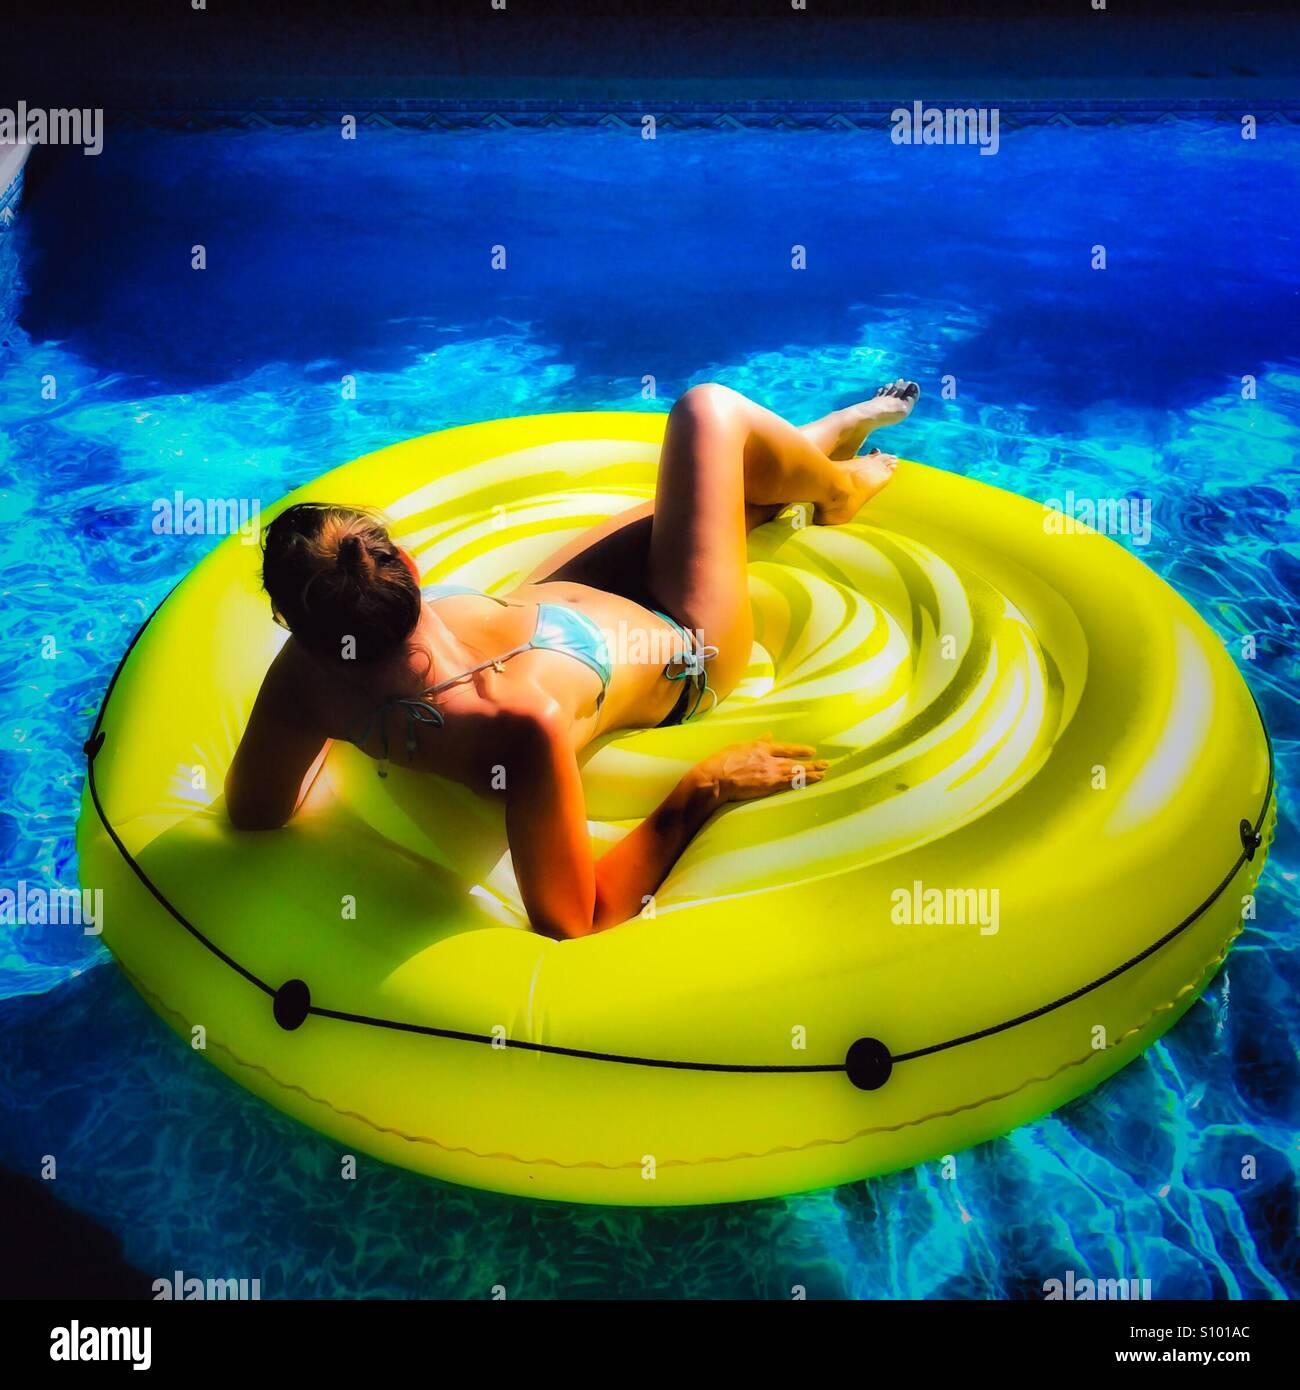 Frau auf einem aufblasbaren Poolspielzeug an einem heißen sonnigen Tag entspannen. Quadratische Ernte. Natürliches Stockbild